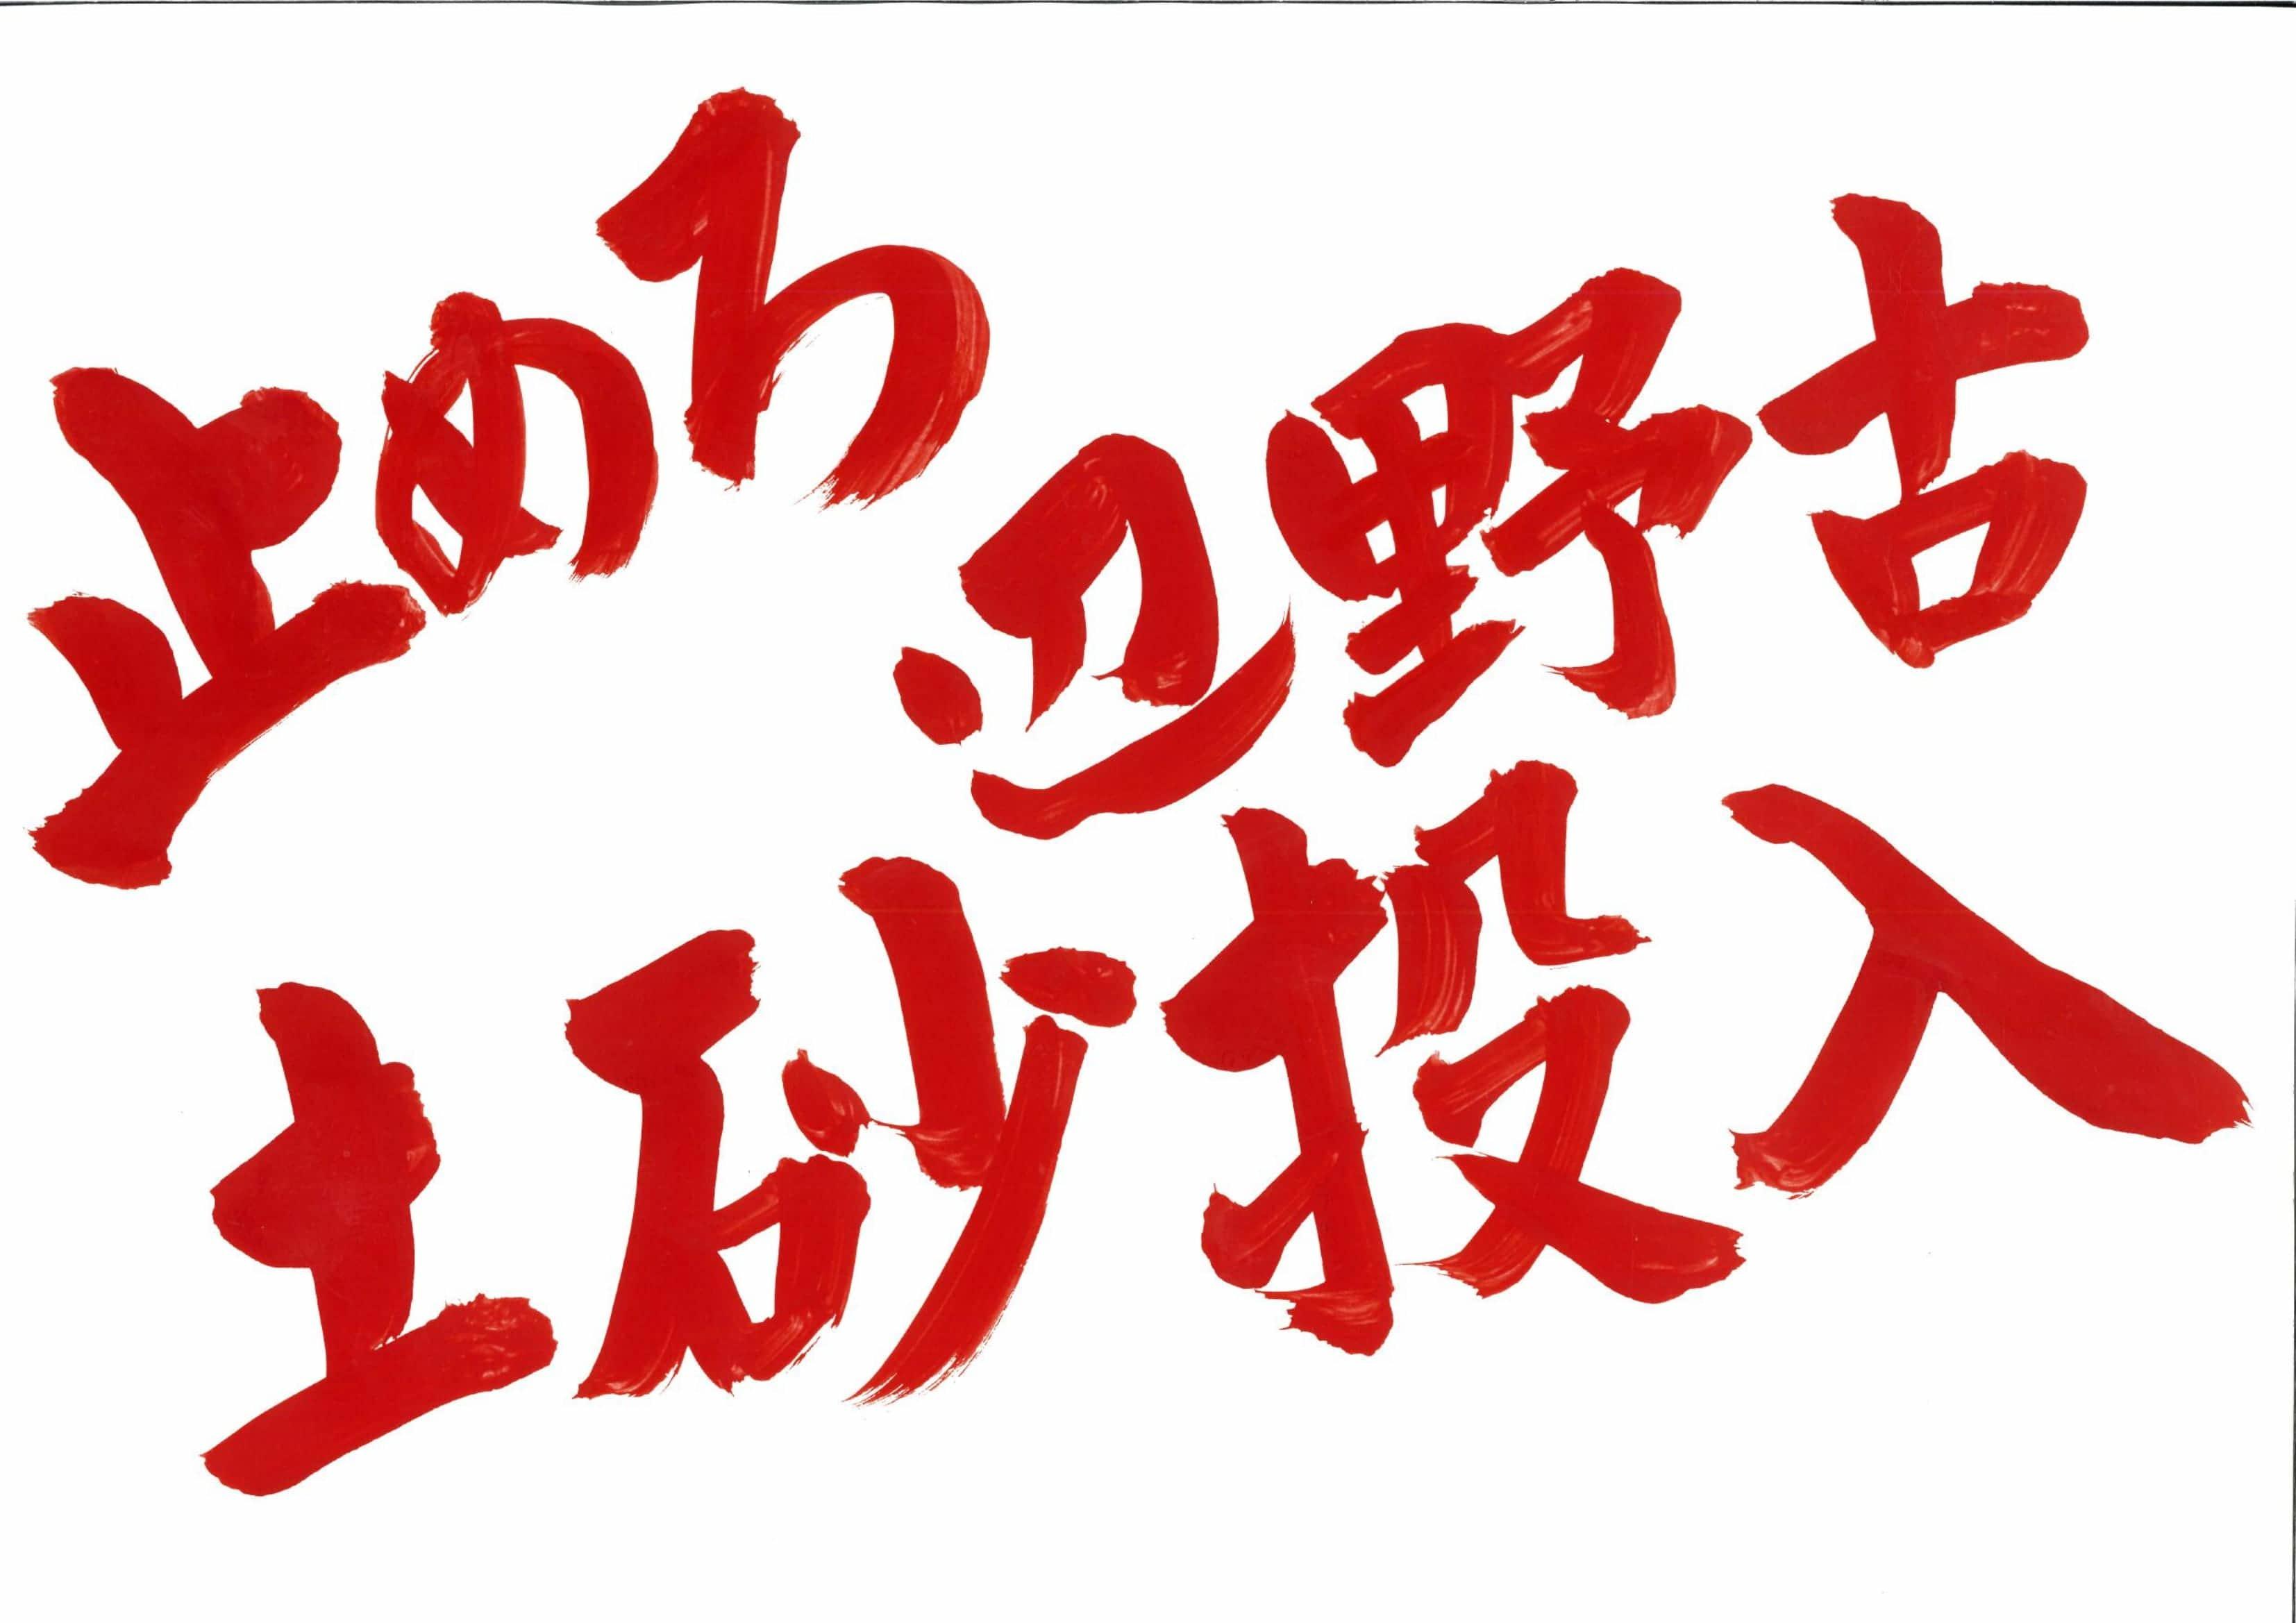 できない!つくらせない!辺野古新基地1・20新宿アクションにご参加を_d0391192_10294621.jpg